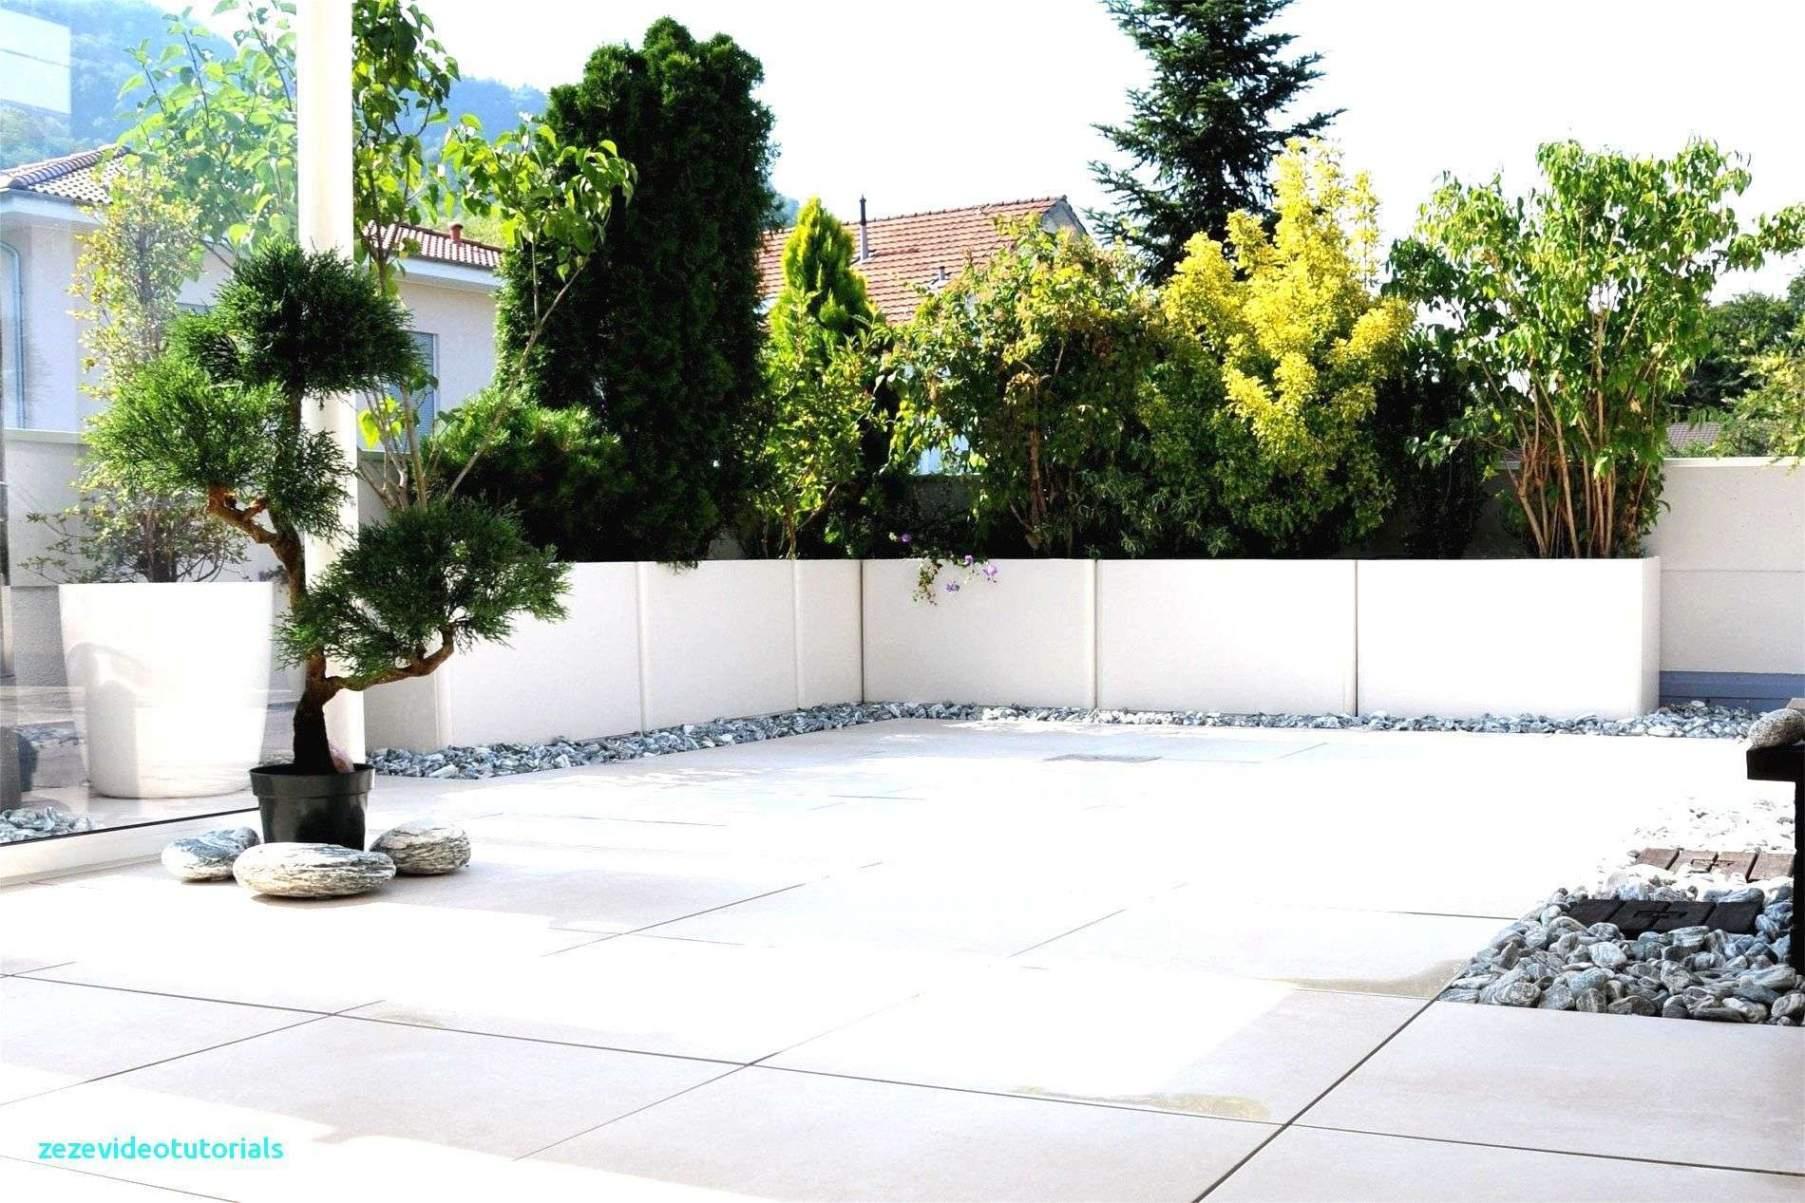 42 luxus groser vorgarten gestalten pic kleine garten gestalten reihenhaus kleine garten gestalten reihenhaus